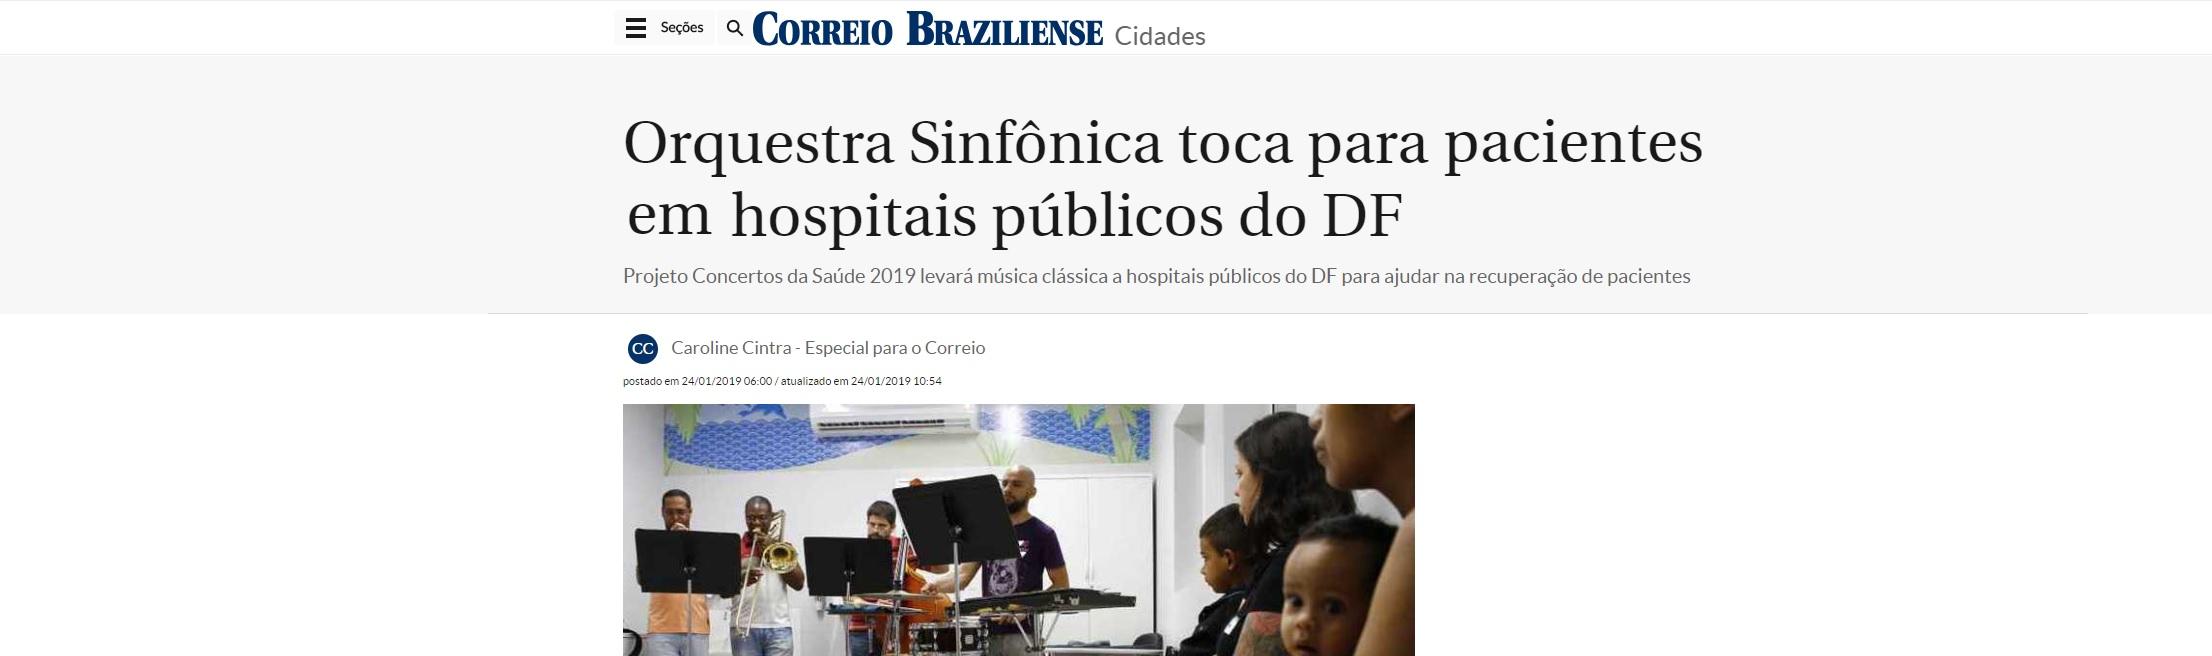 Correio Braziliense destaca orquestra para pacientes do Hospital da Criança